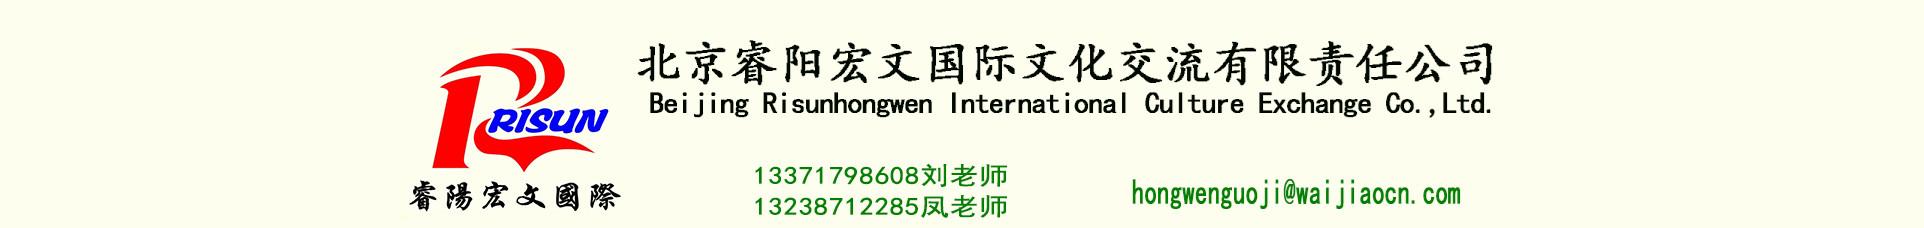 北京睿阳宏文国际文化交流有限公司